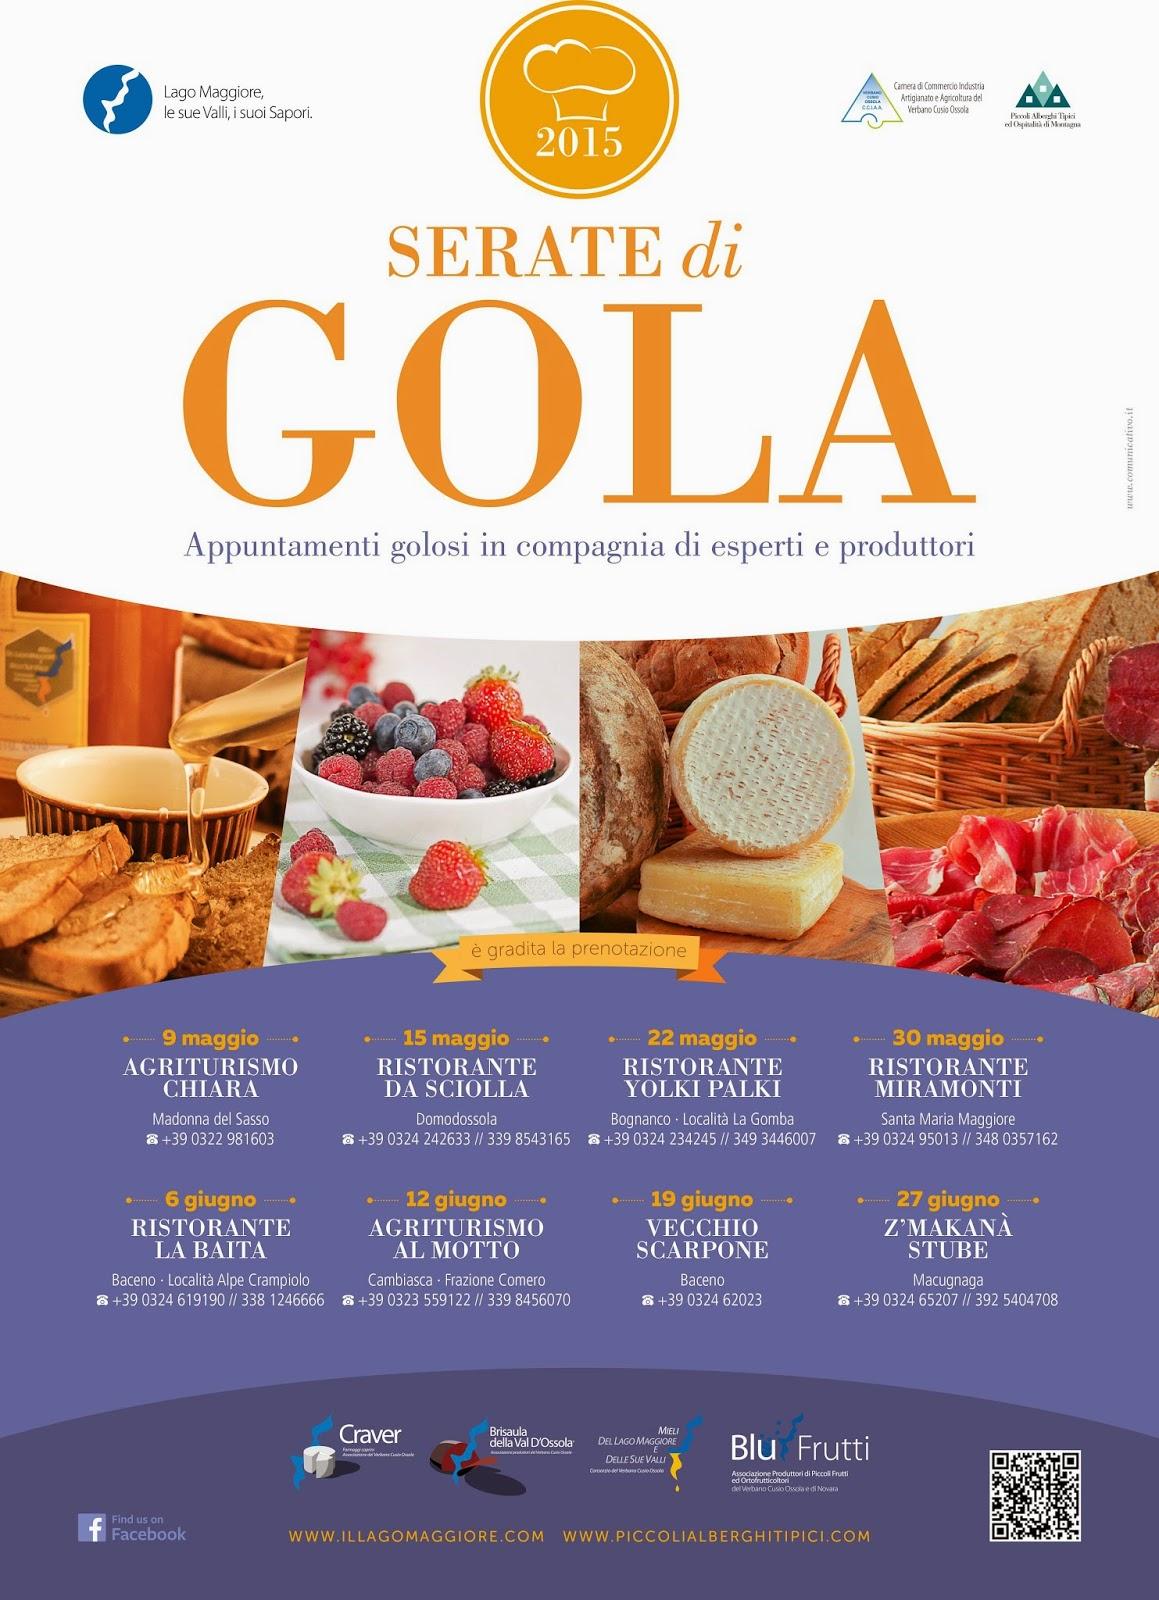 Serate di Gola  fino al 27 giugno  Lago Maggiore